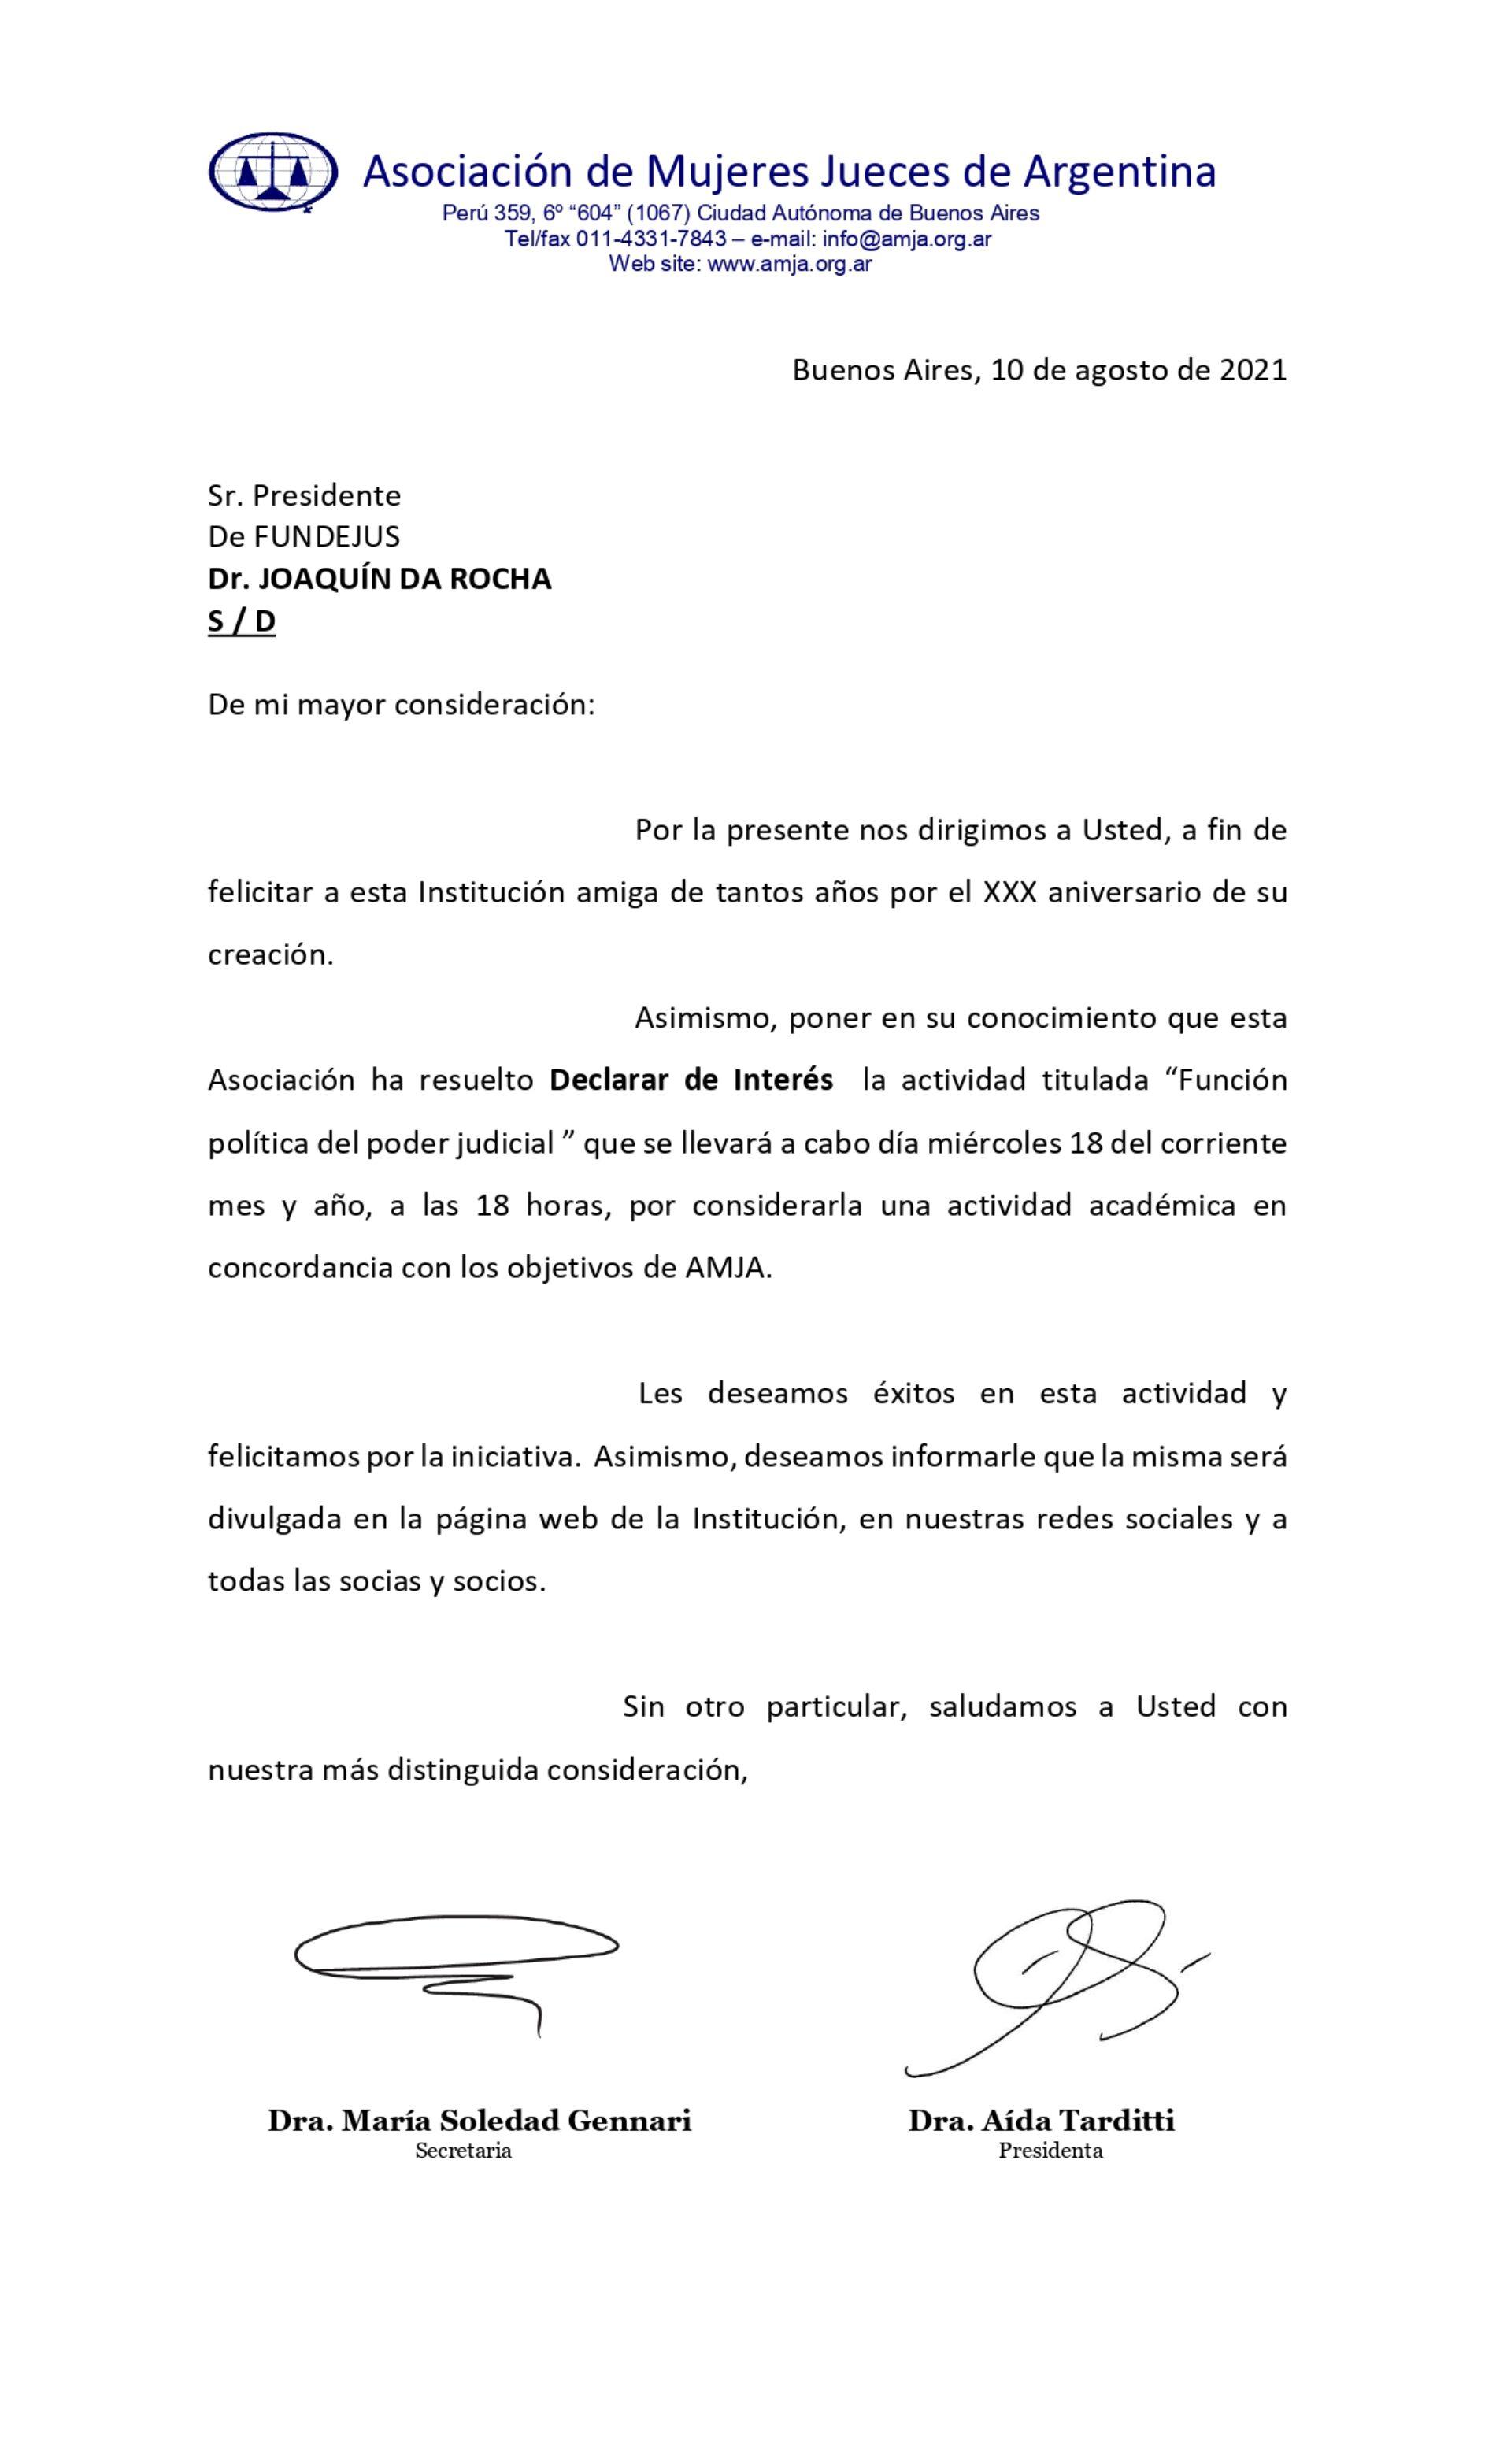 Declaración de interés – Asociación de Mujeres Jueces de Argentina (AMJA) – Actividad: «Función política del poder judicial»